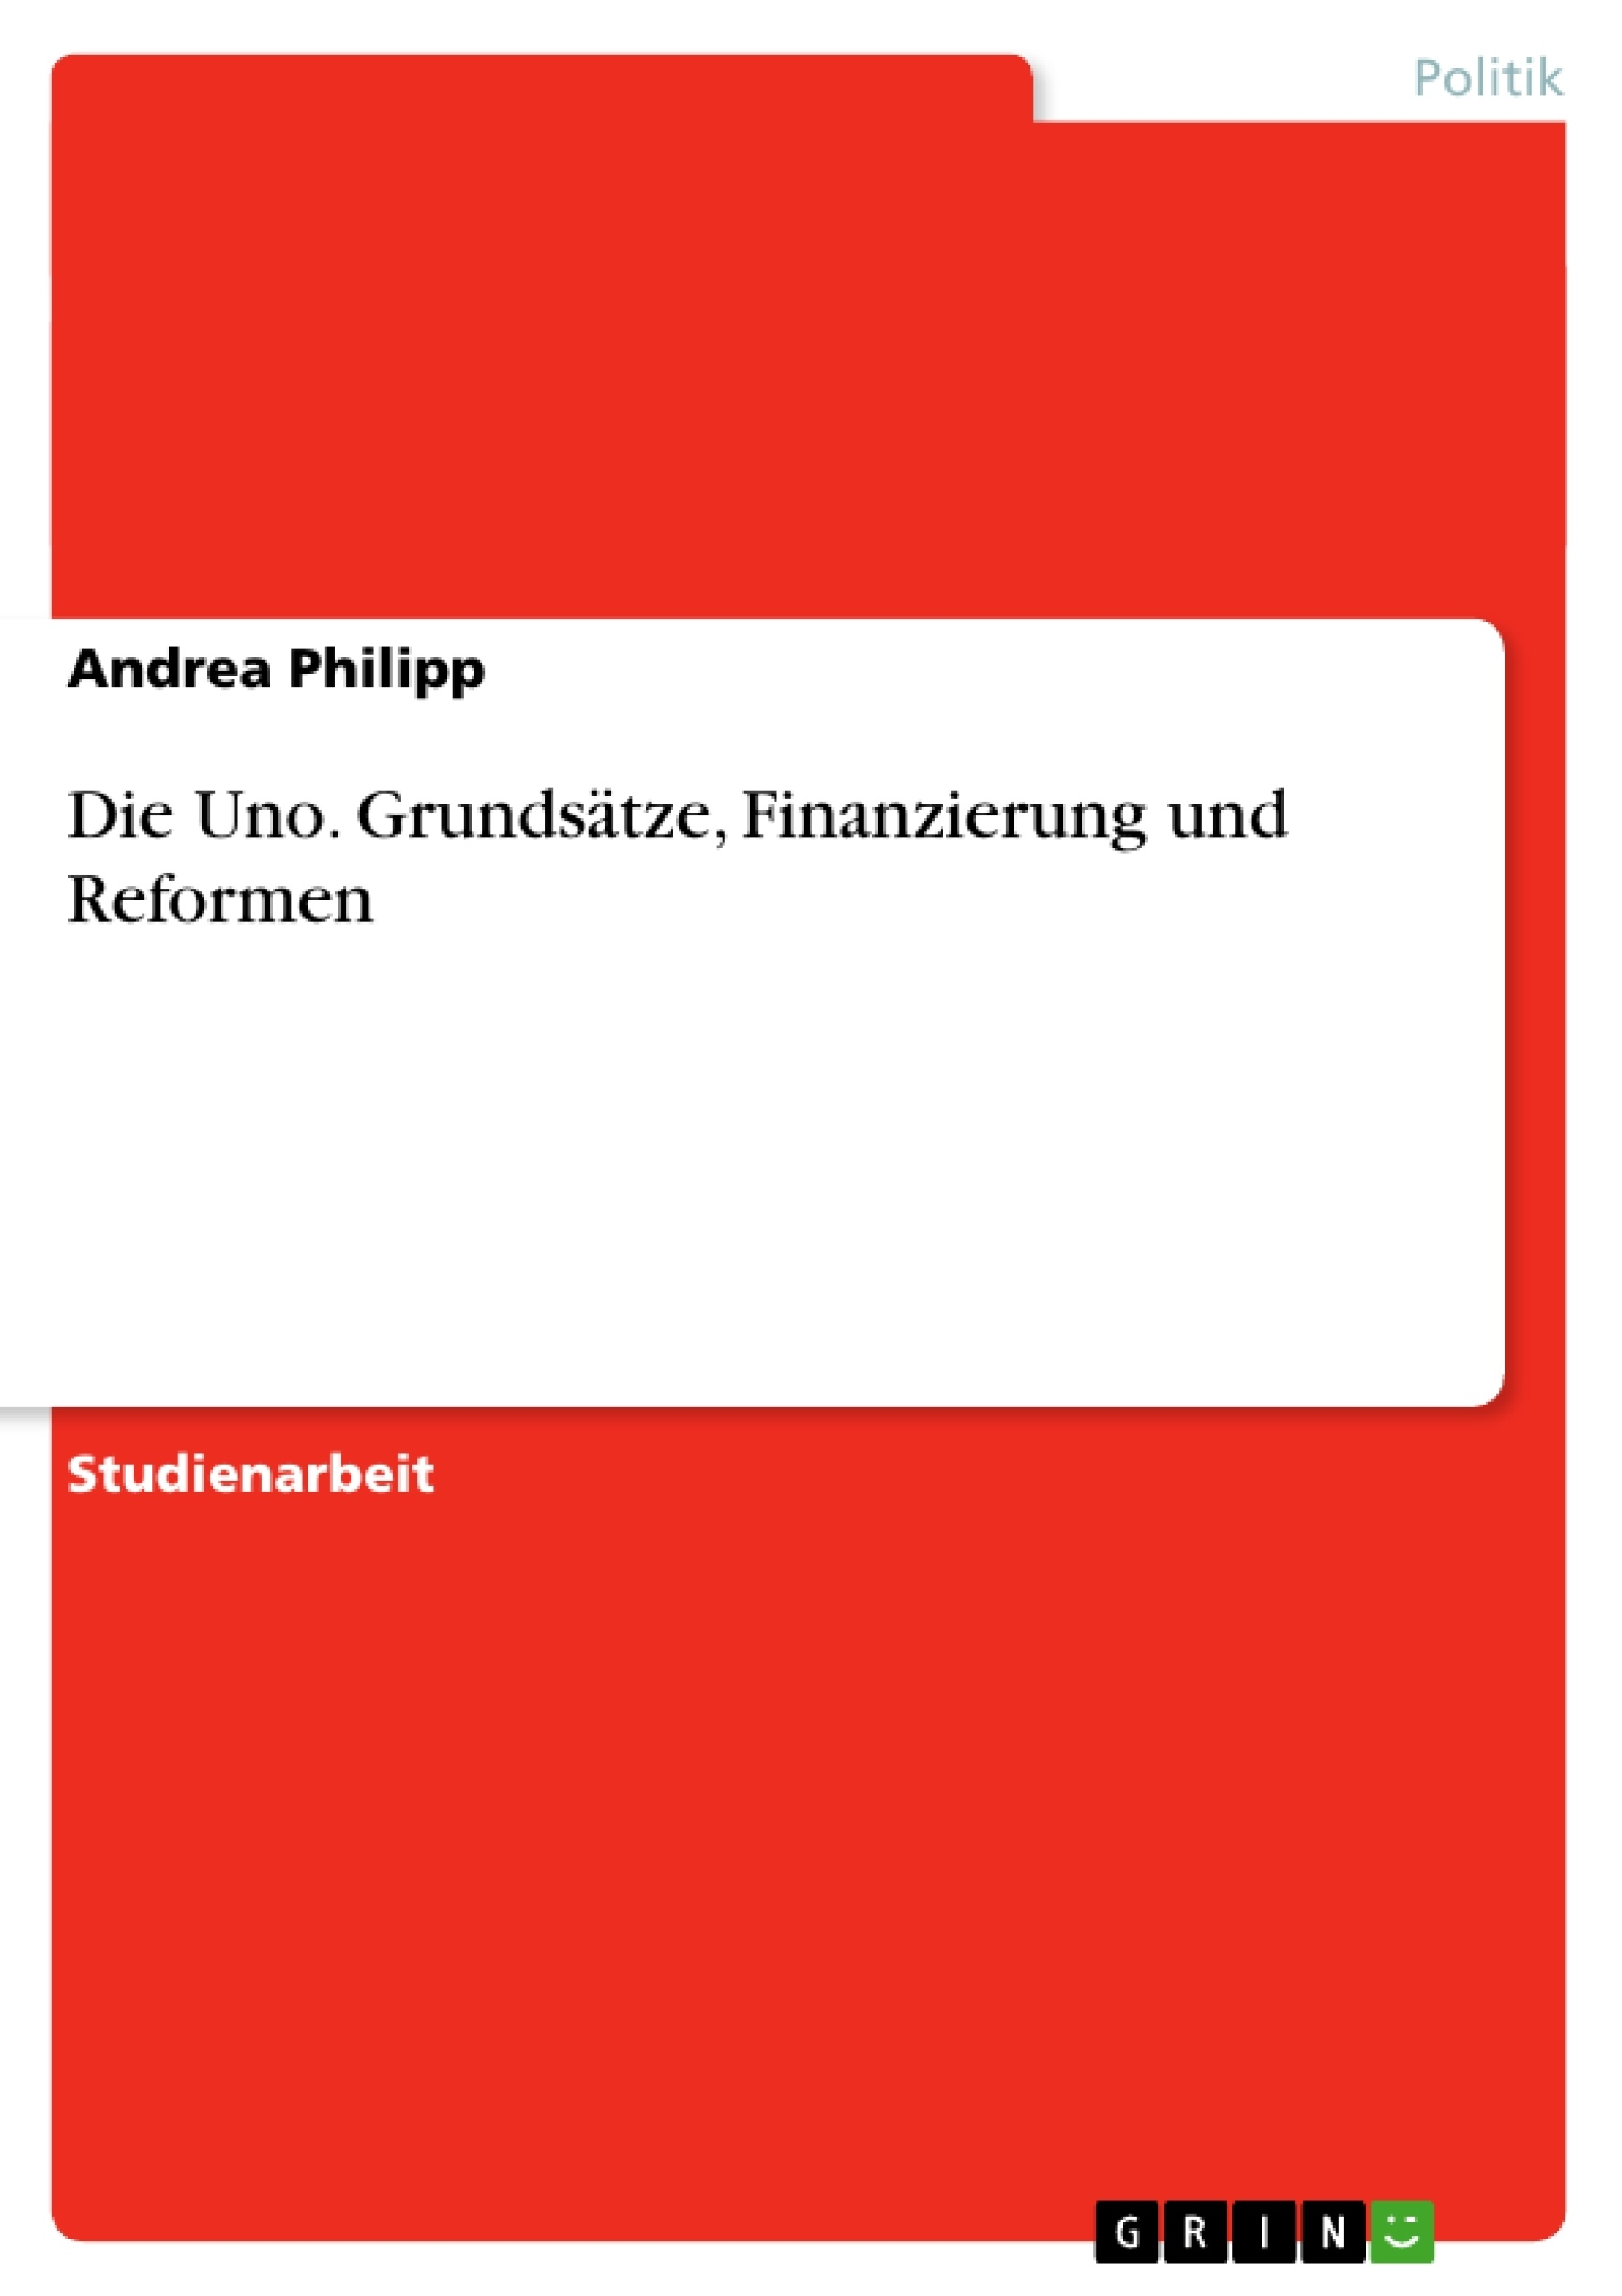 Titel: Die Uno. Grundsätze, Finanzierung und Reformen